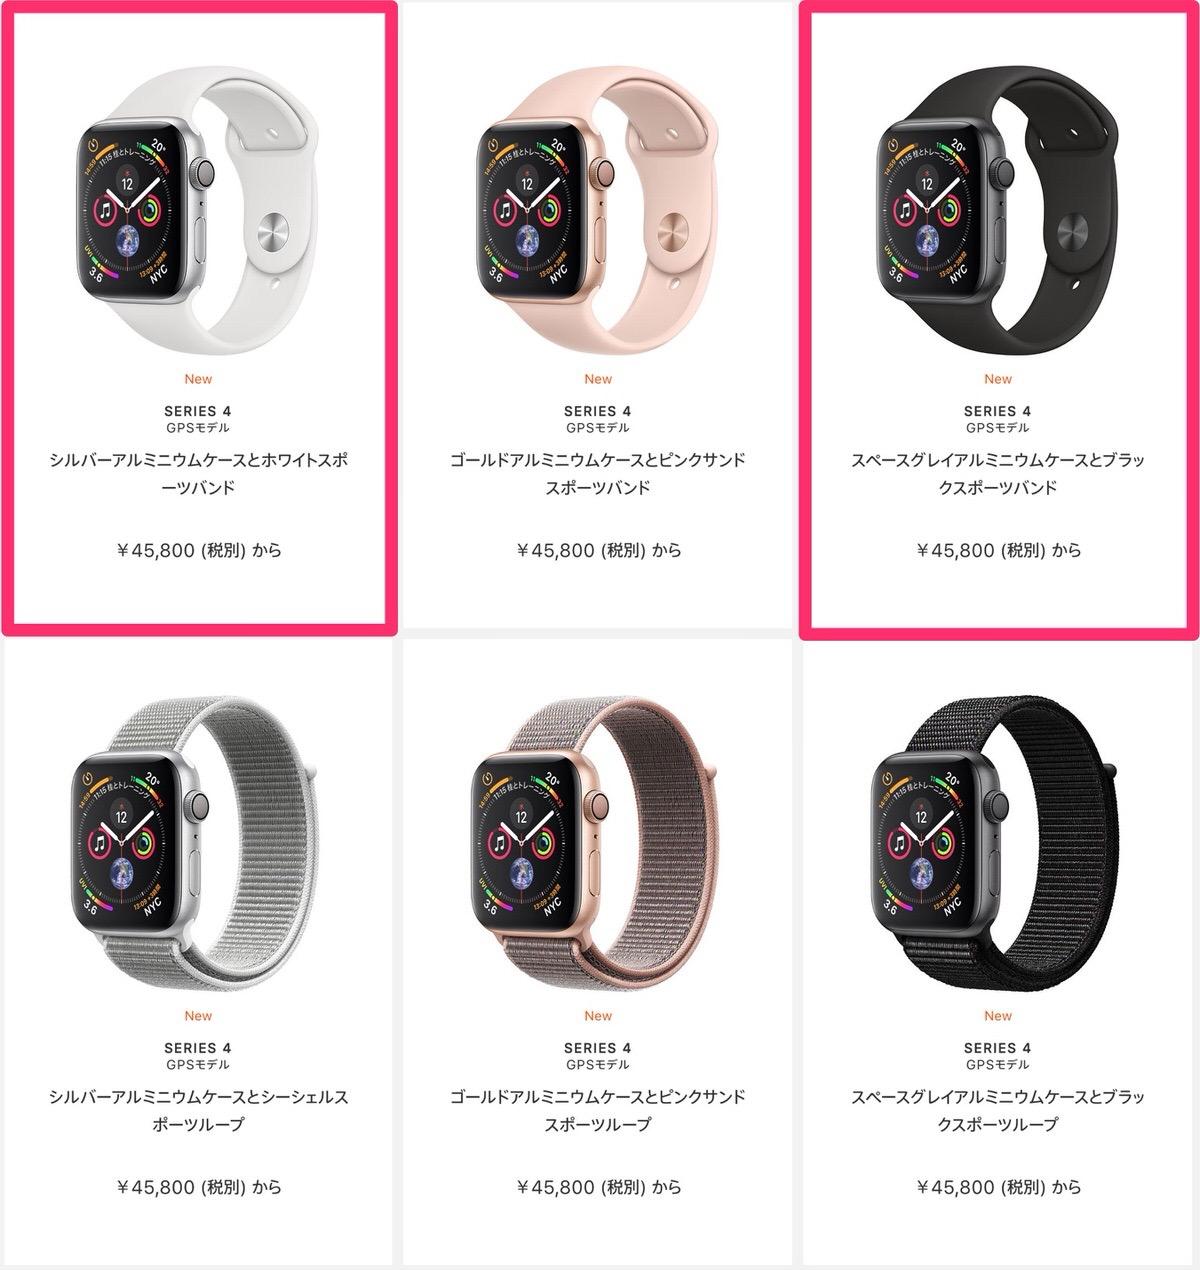 Apple Watch Series 4(GPSモデル)- 44mmスペースグレイアルミニウムケースとブラックスポーツバンド-4